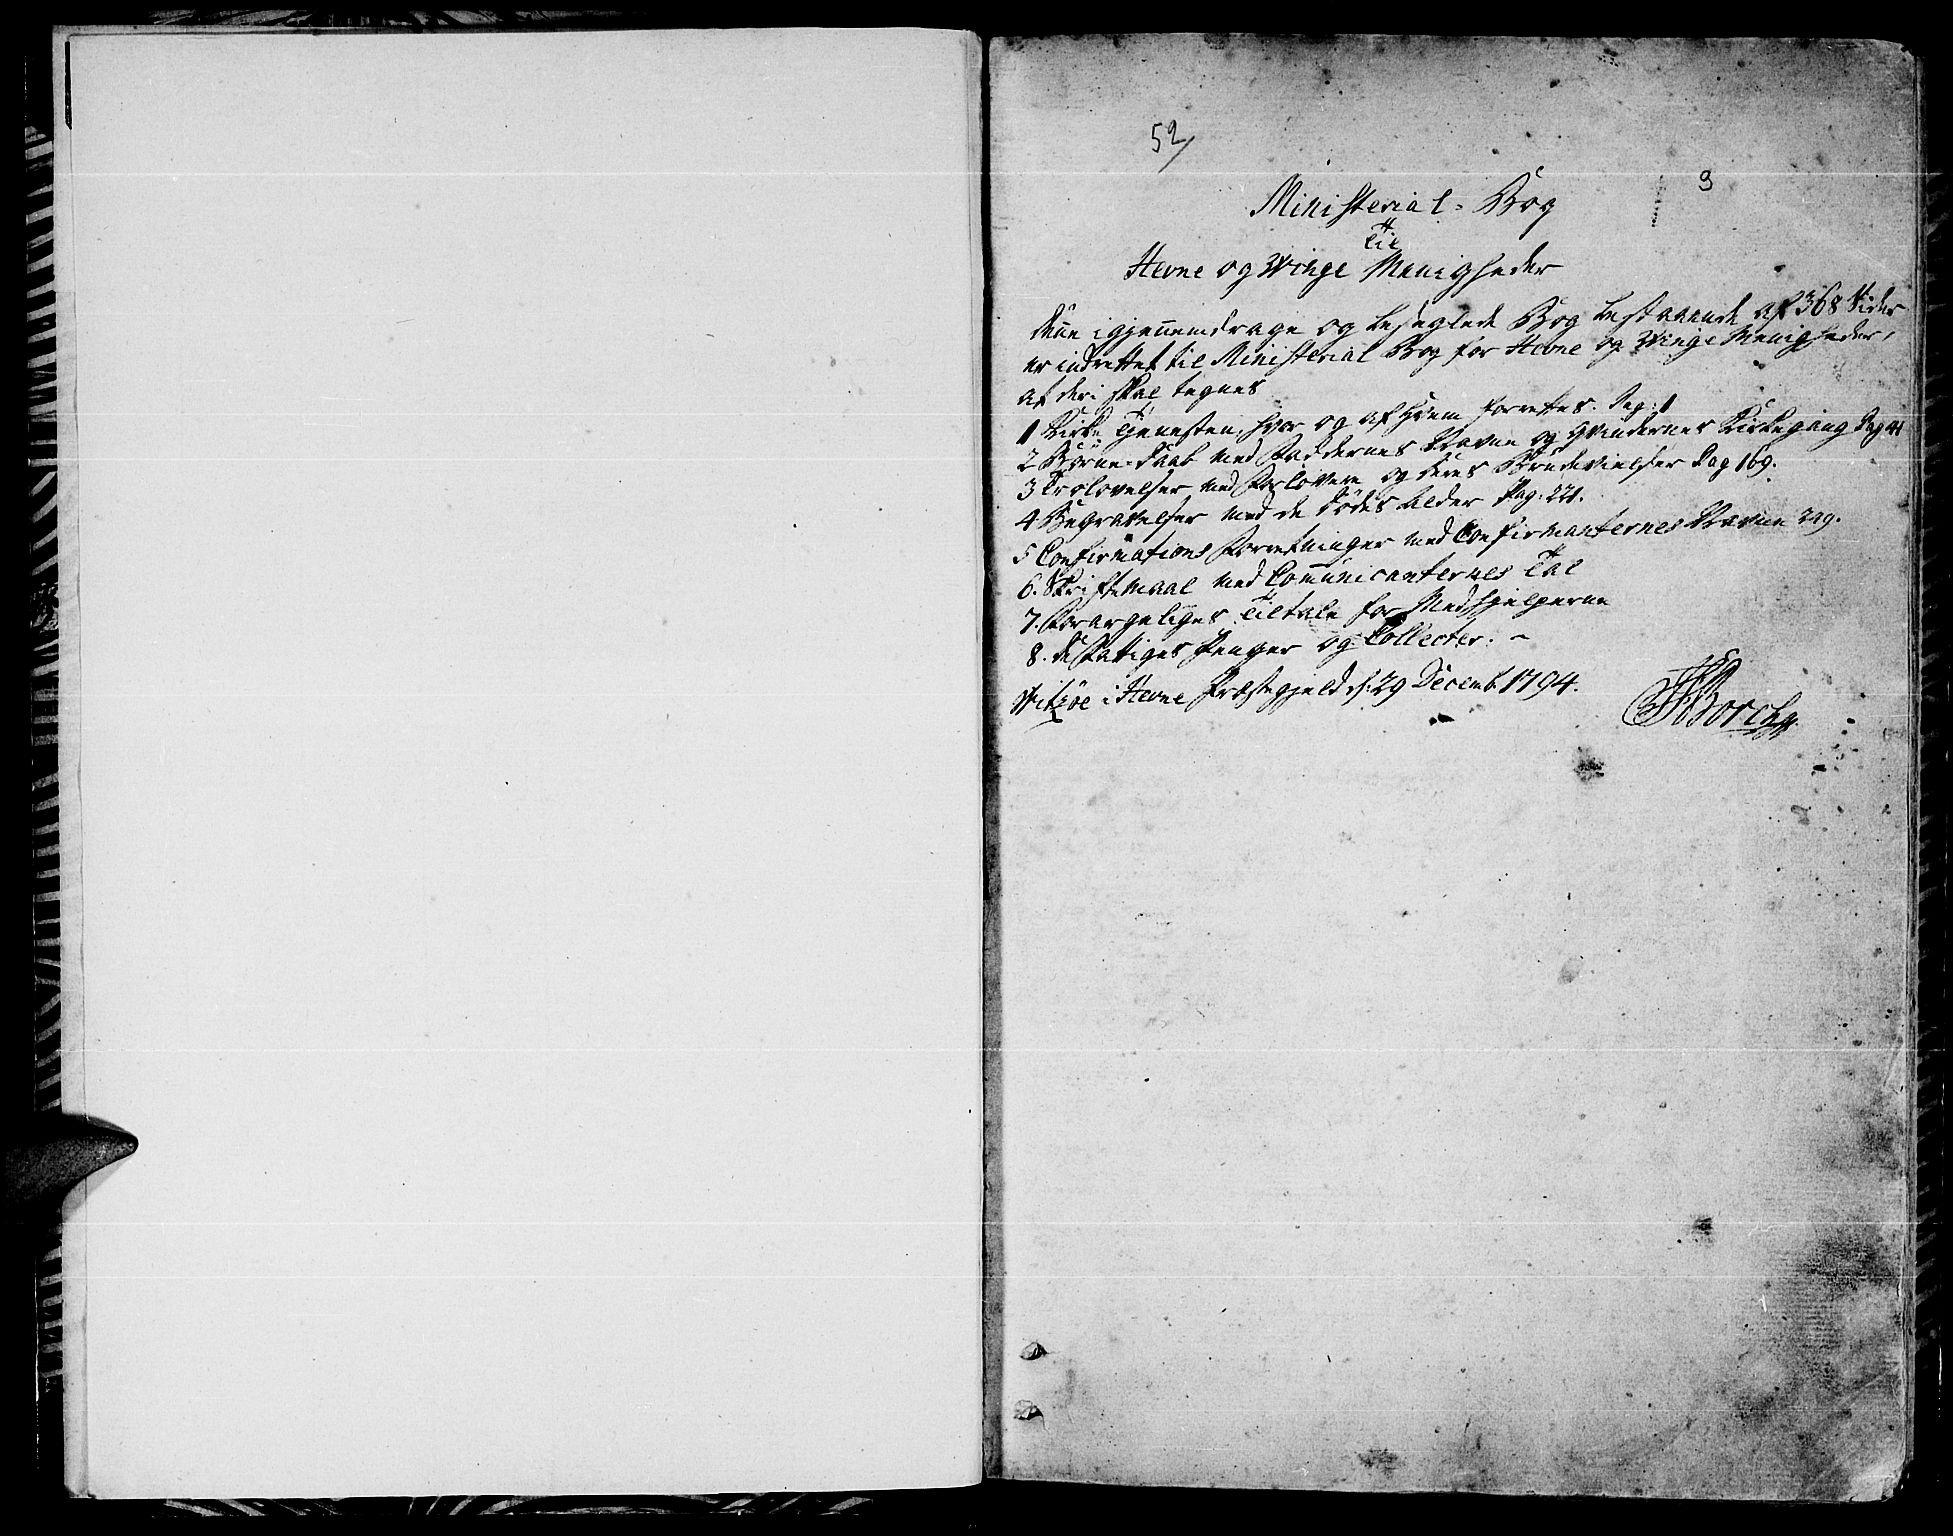 SAT, Ministerialprotokoller, klokkerbøker og fødselsregistre - Sør-Trøndelag, 630/L0490: Ministerialbok nr. 630A03, 1795-1818